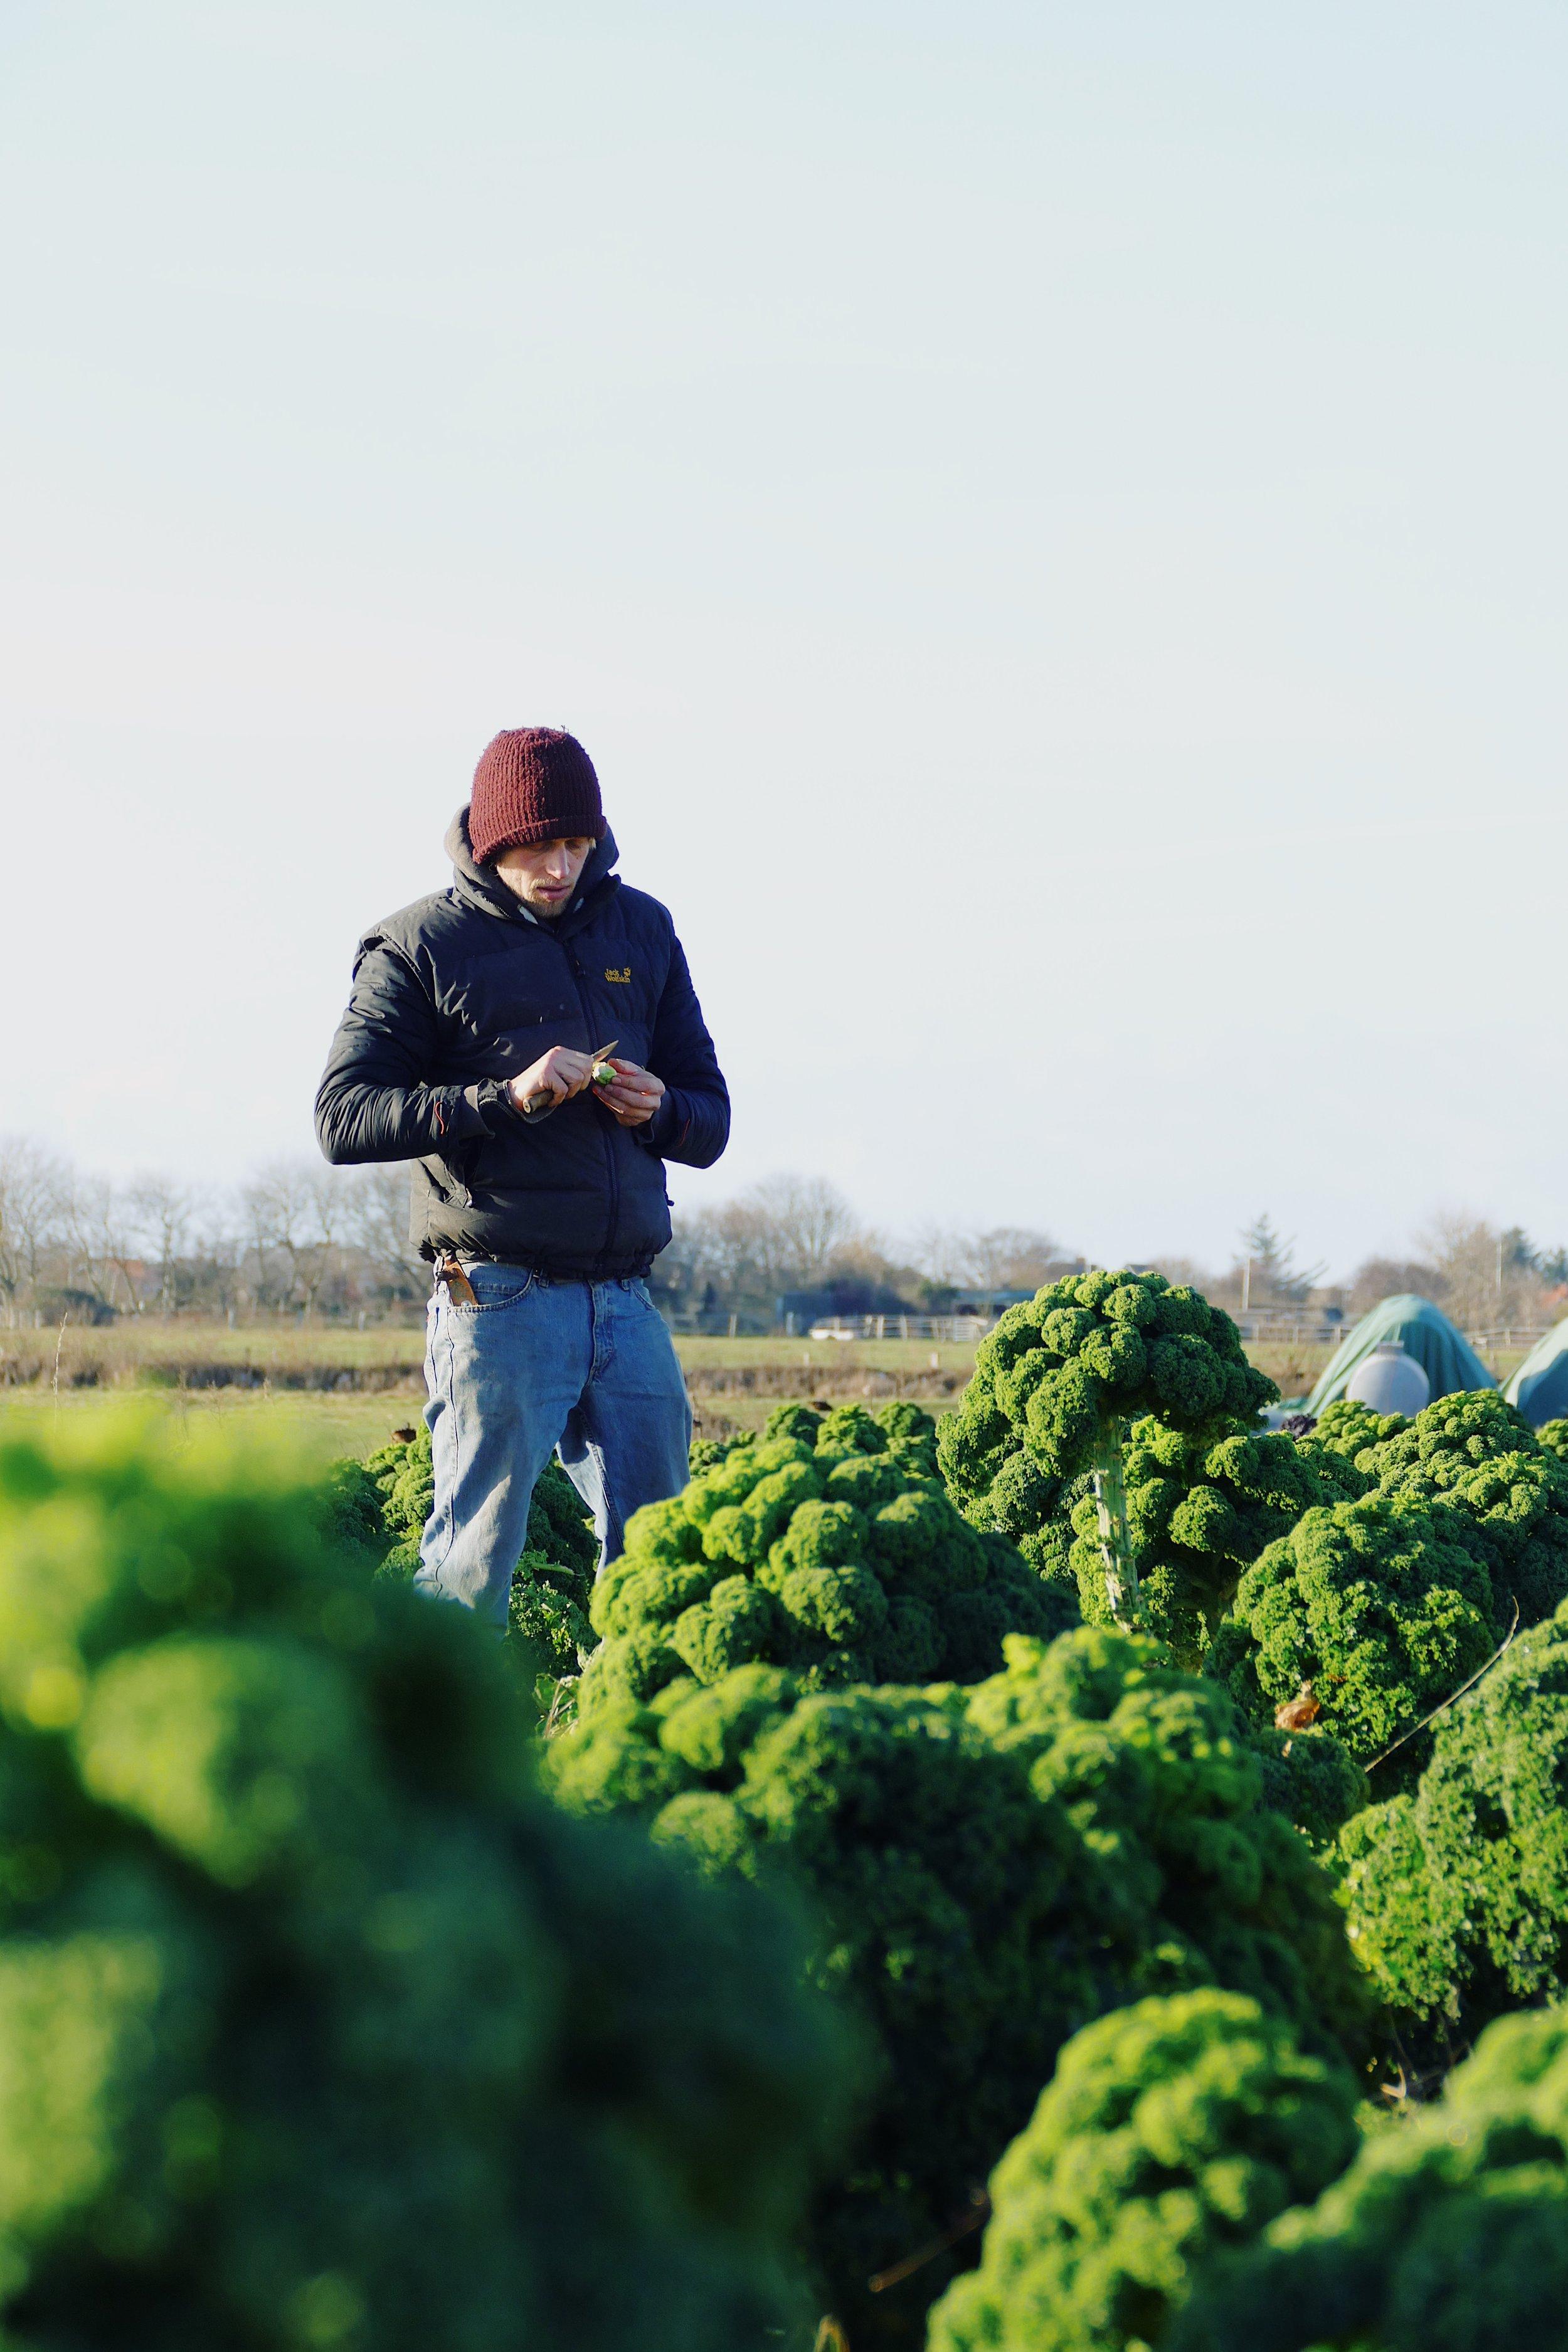 (c) Julz // Qualitätskontrolle vor Ort: Zwischen dem Grünkohl wächst der Rosenkohl.